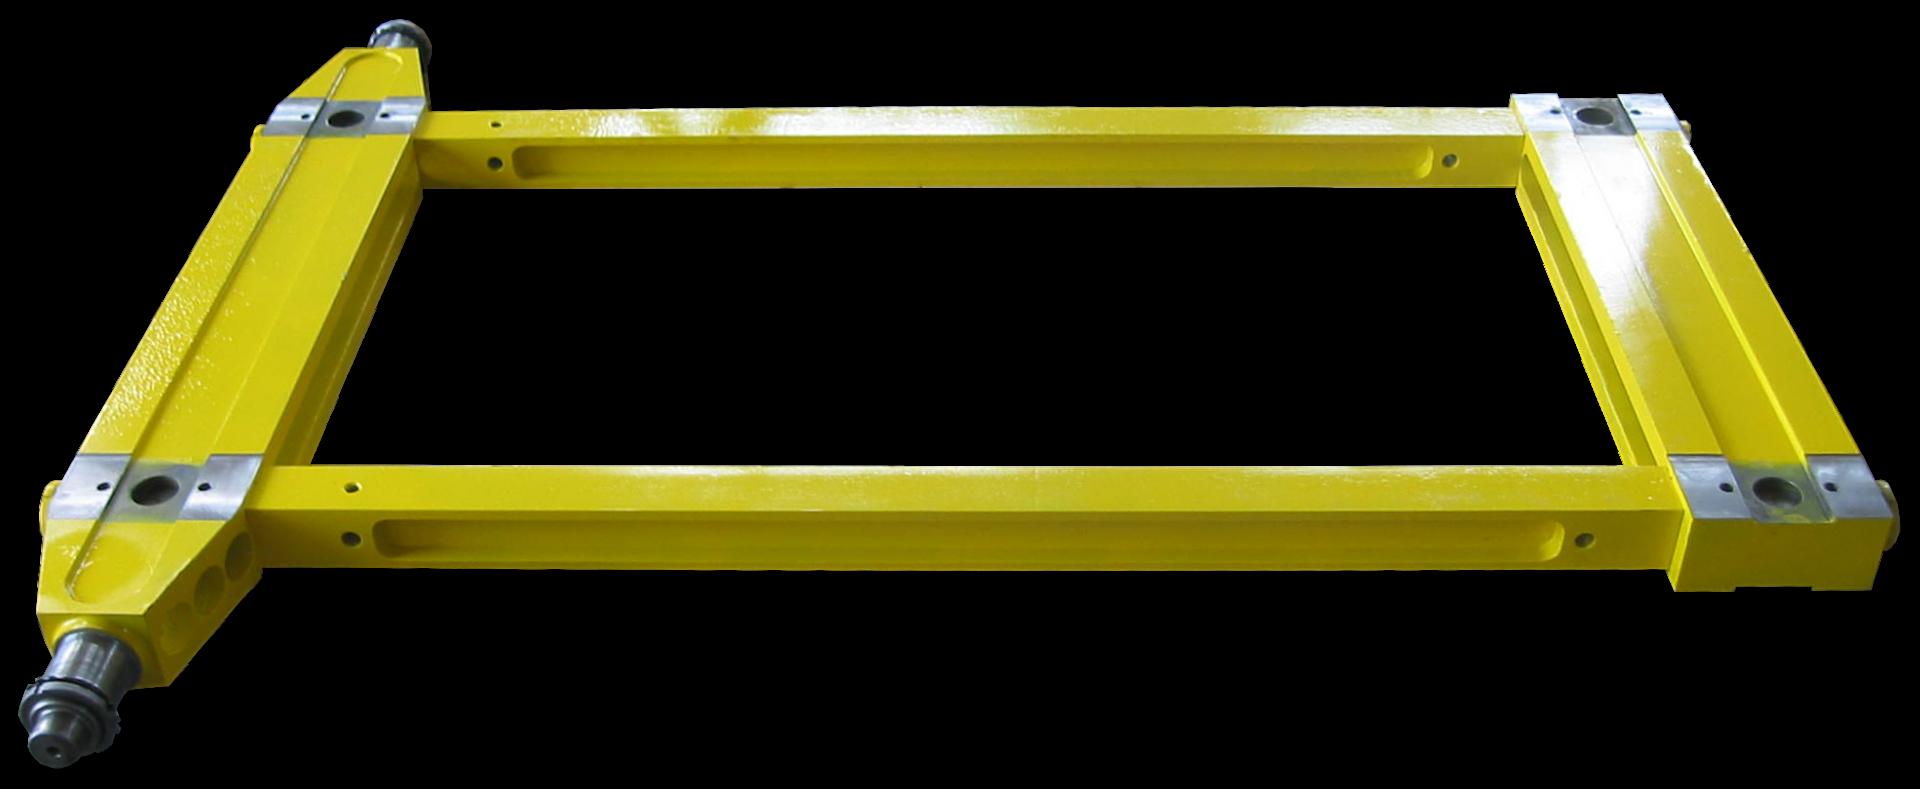 Inner frame into frame saw G 710 R